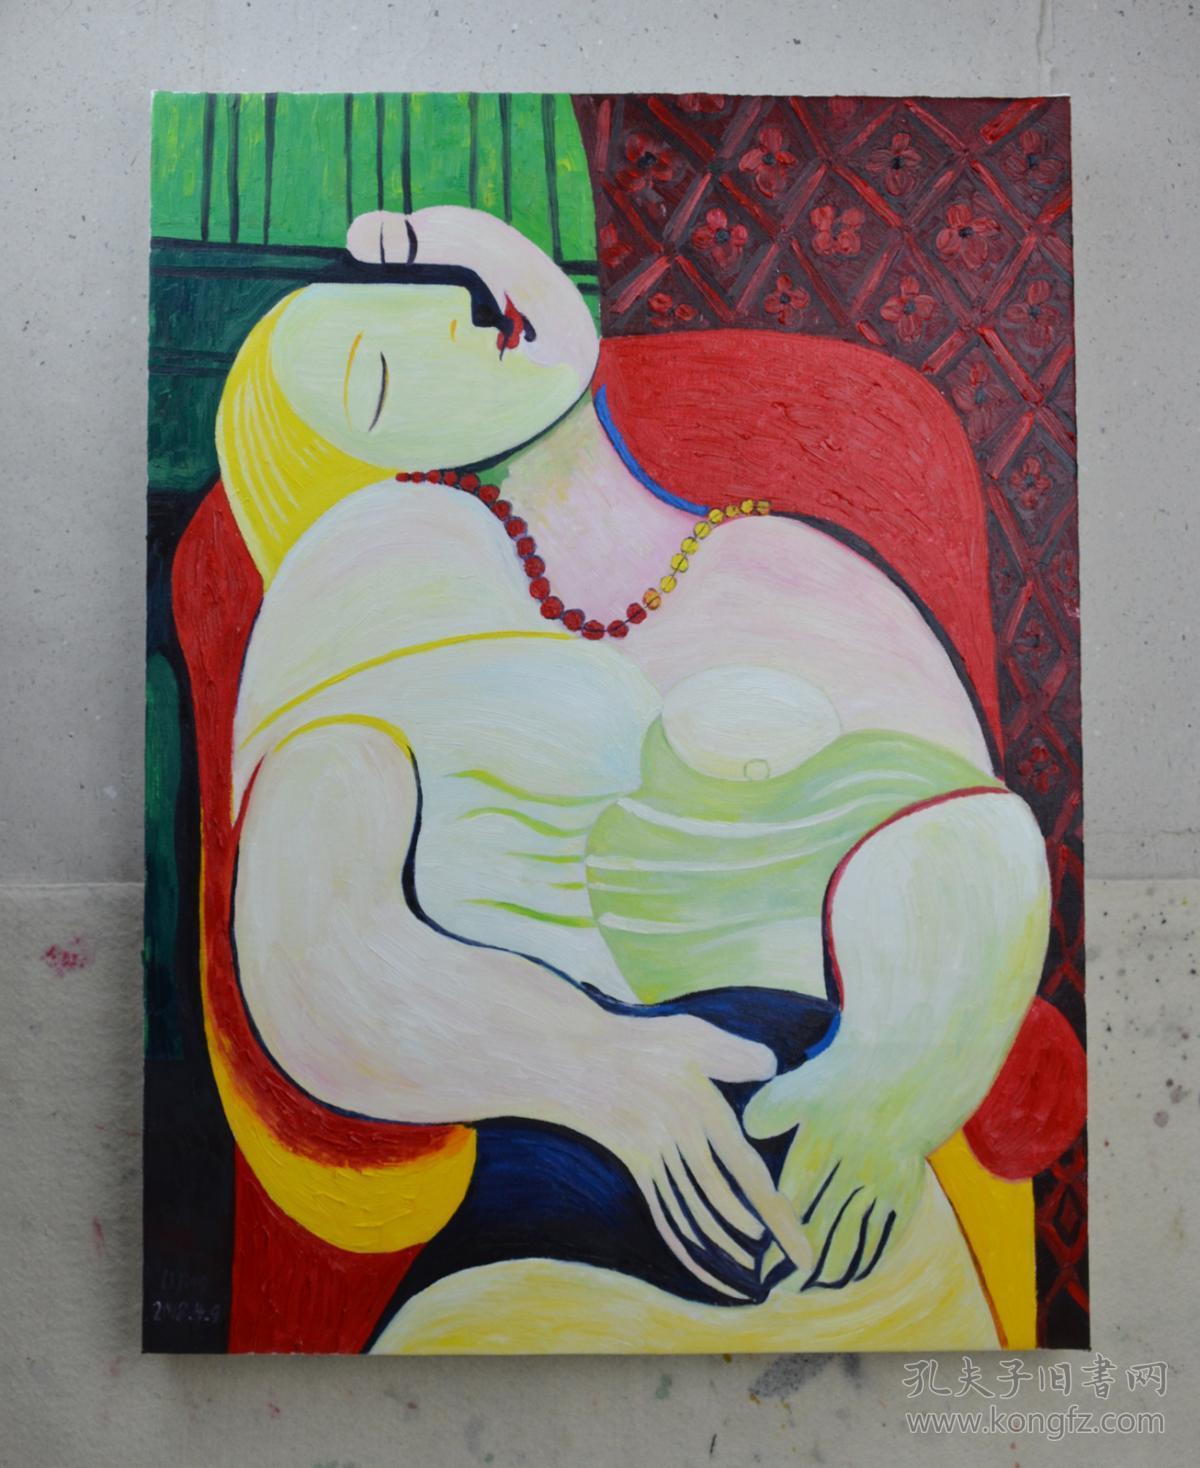 毕加索 梦 手绘布面油画 家庭装饰画 客厅书房卧室挂画 装饰画 无框画